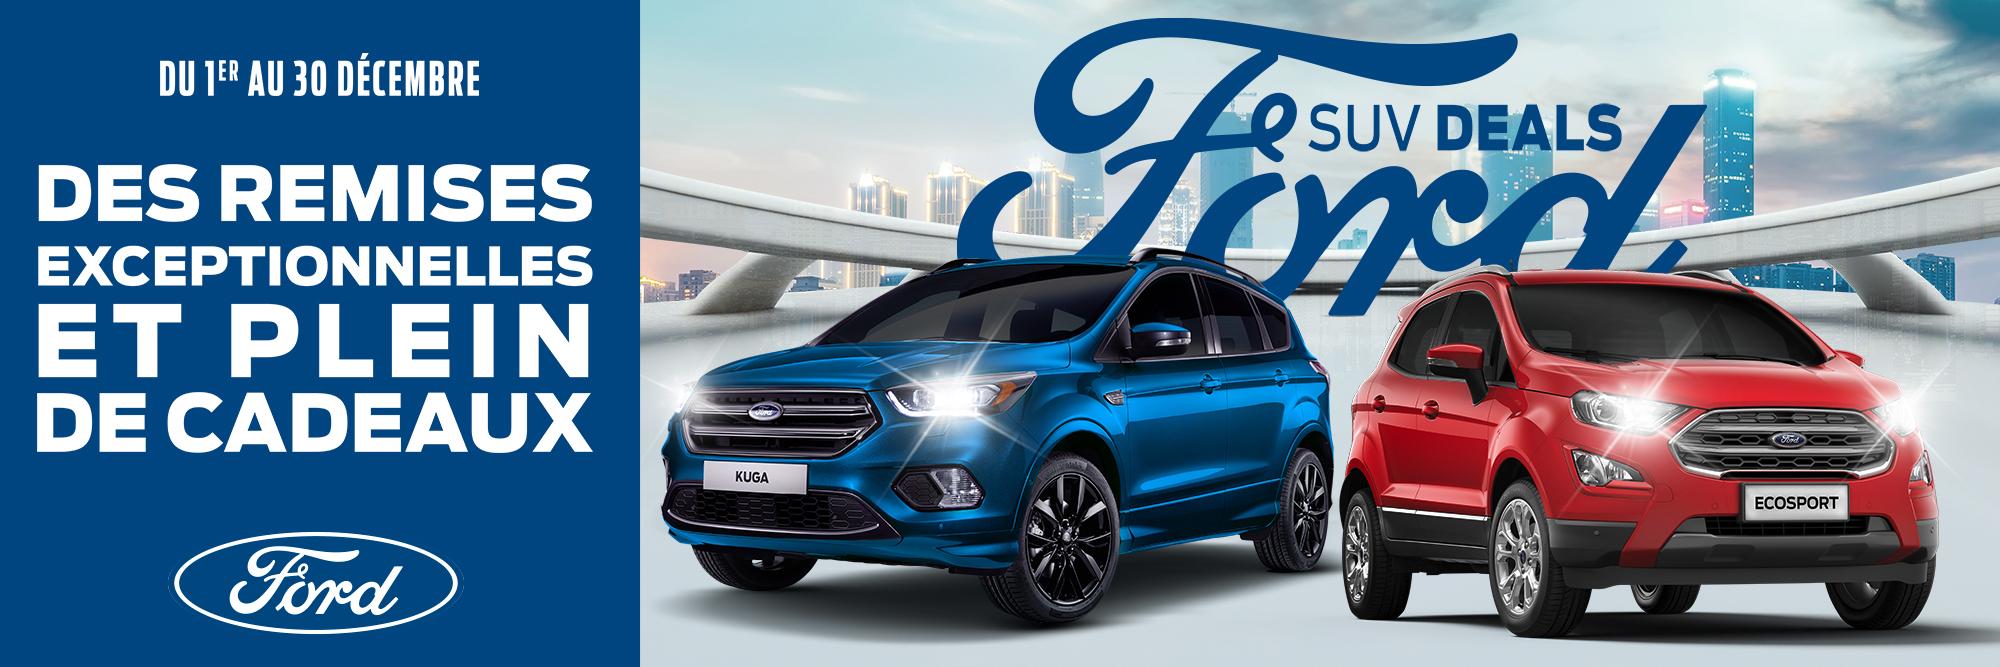 Ford SUV Deals, des remises exceptionnelles et plein de cadeaux